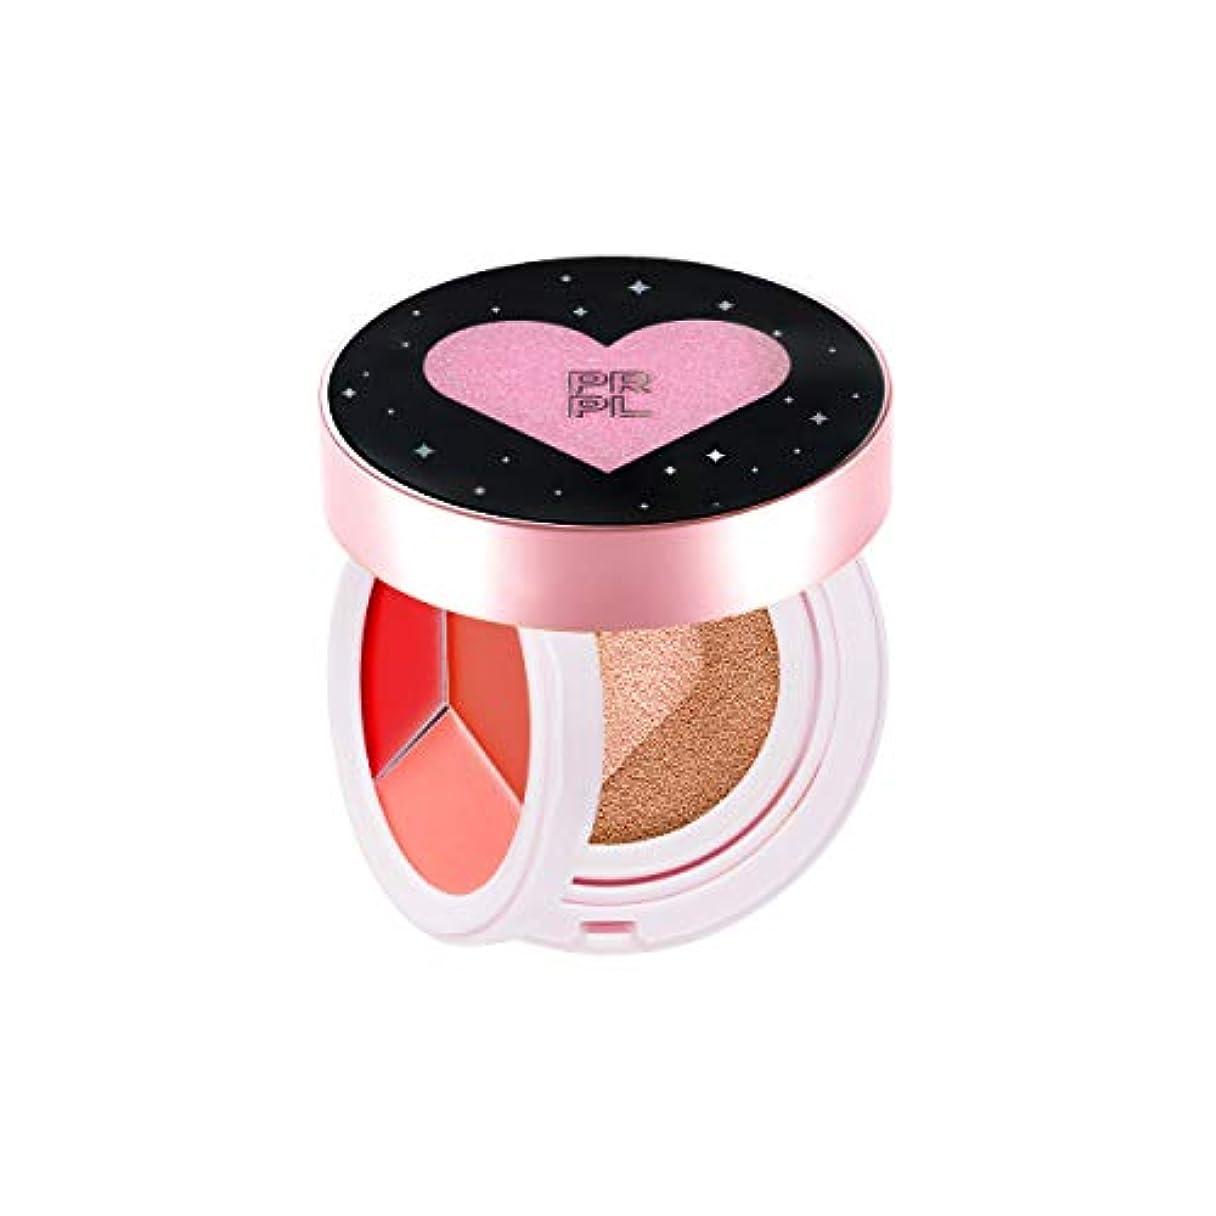 記者人工的な二層PRPL Kiss and Heart Double Cushion (Black Edition) #21 Pure Ivory - Korean Make-up, Cushion Foundation, Korean...